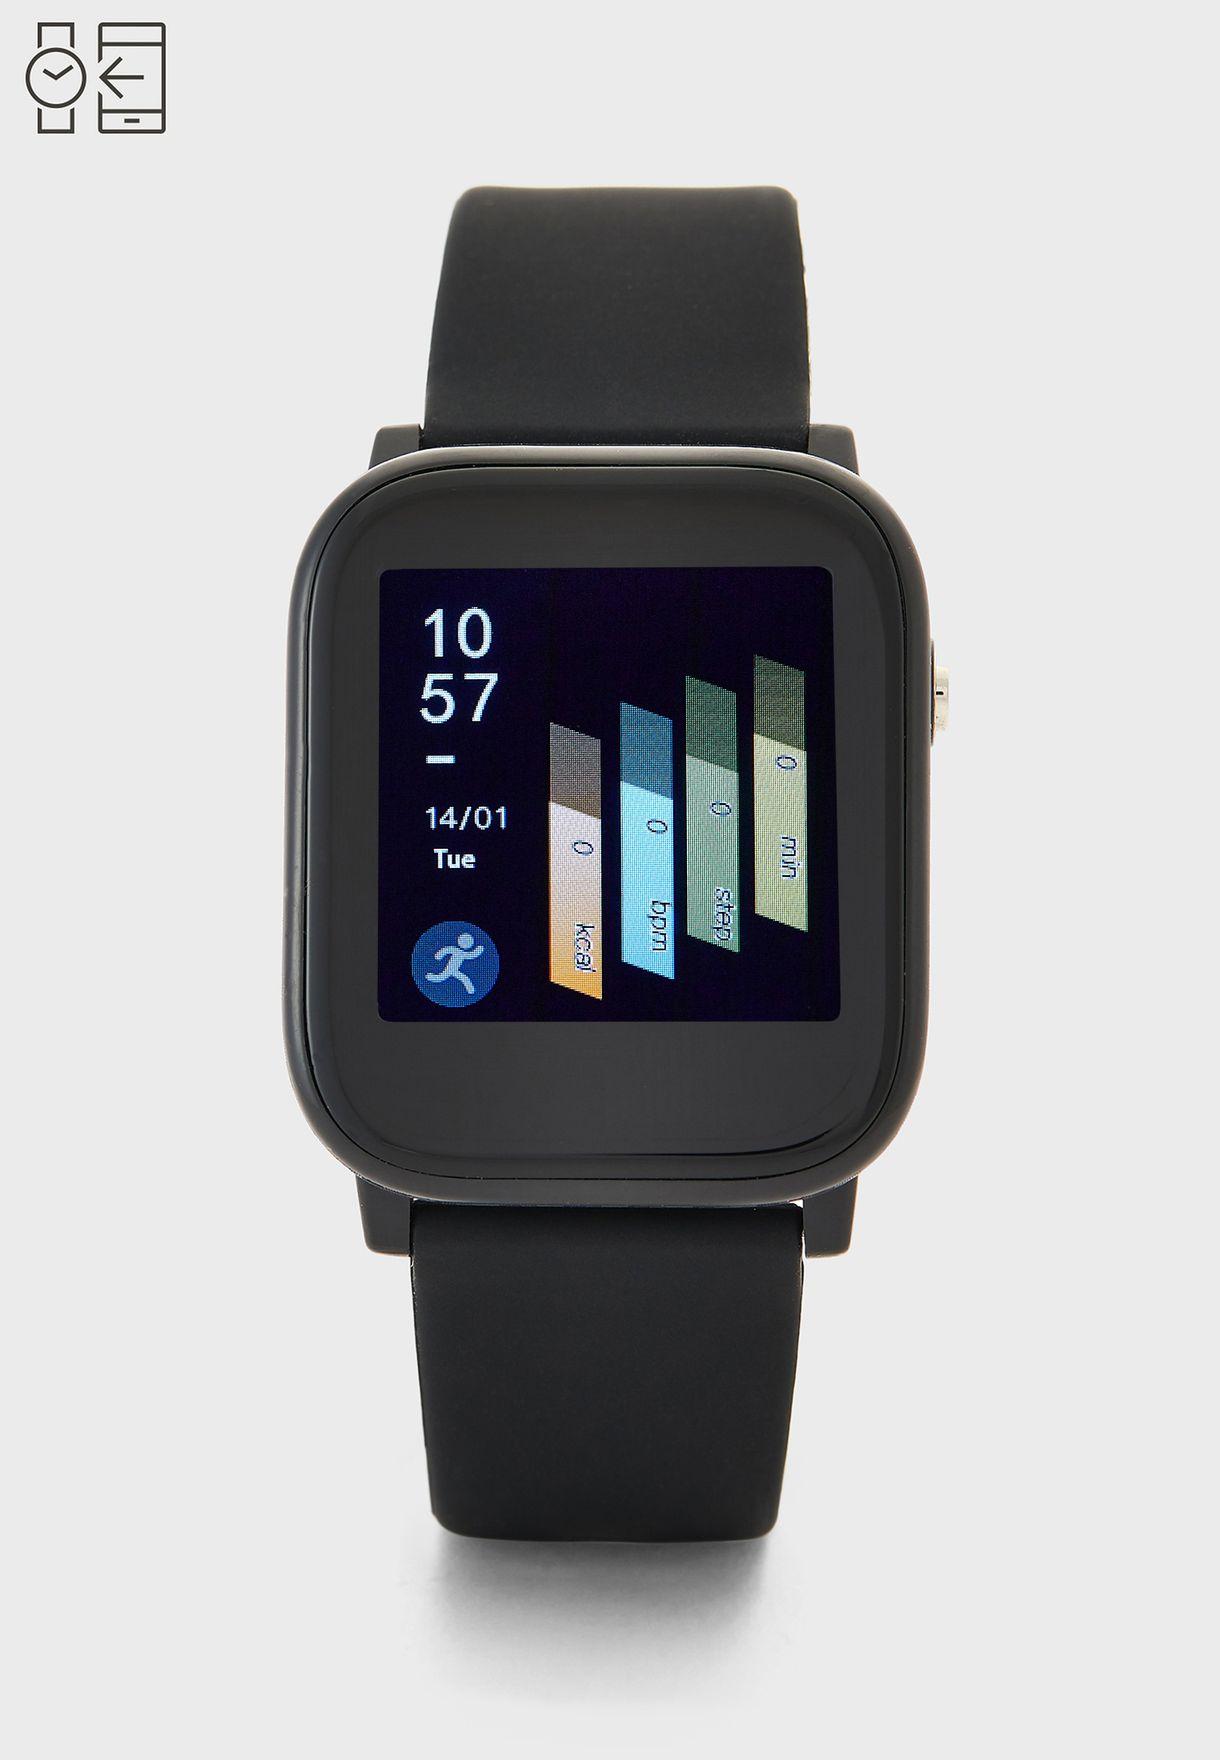 ساعة ذكية مع معدل ضربات القلب وضغط الدم والأكسجين